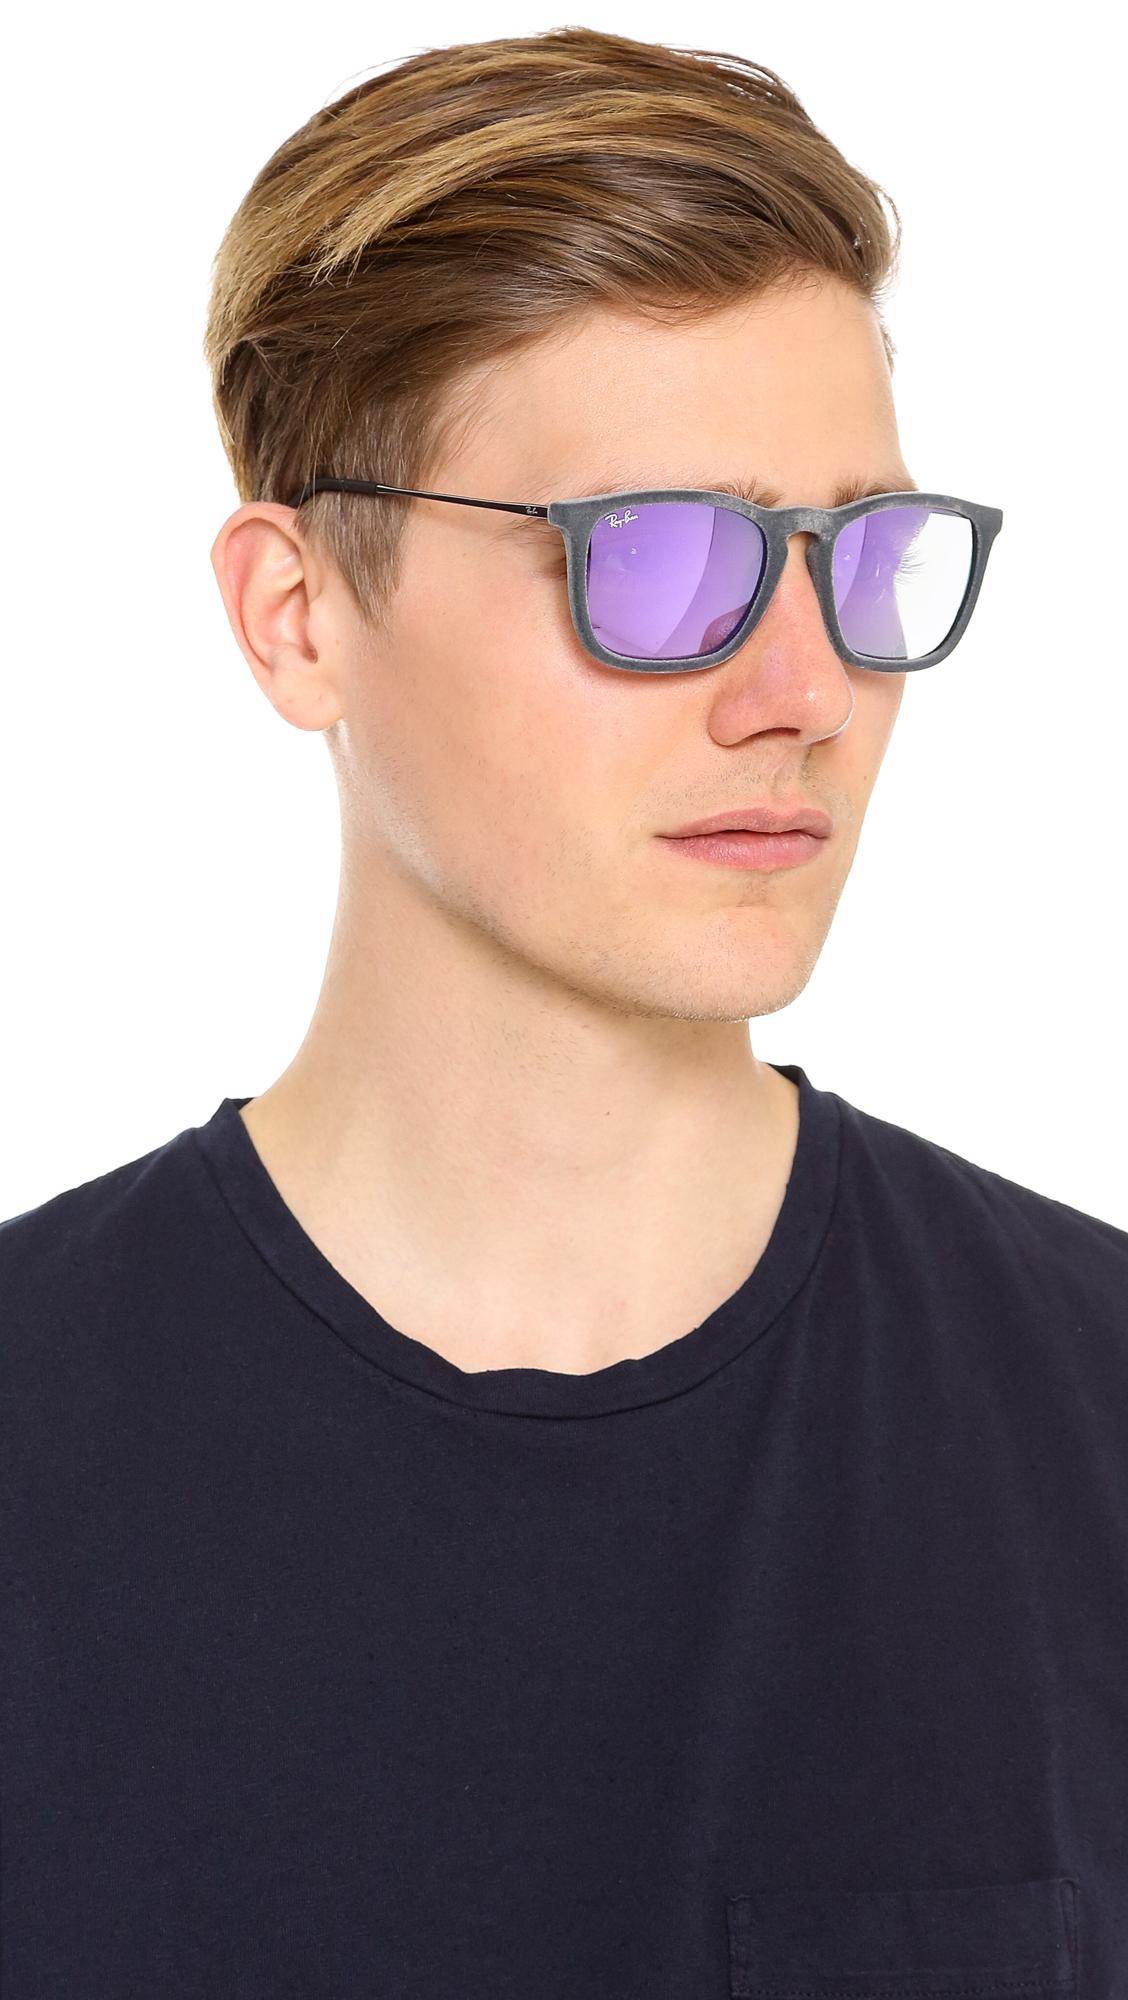 Ray Ban Velvet Mirrored Sunglasses In Purple For Men Lyst